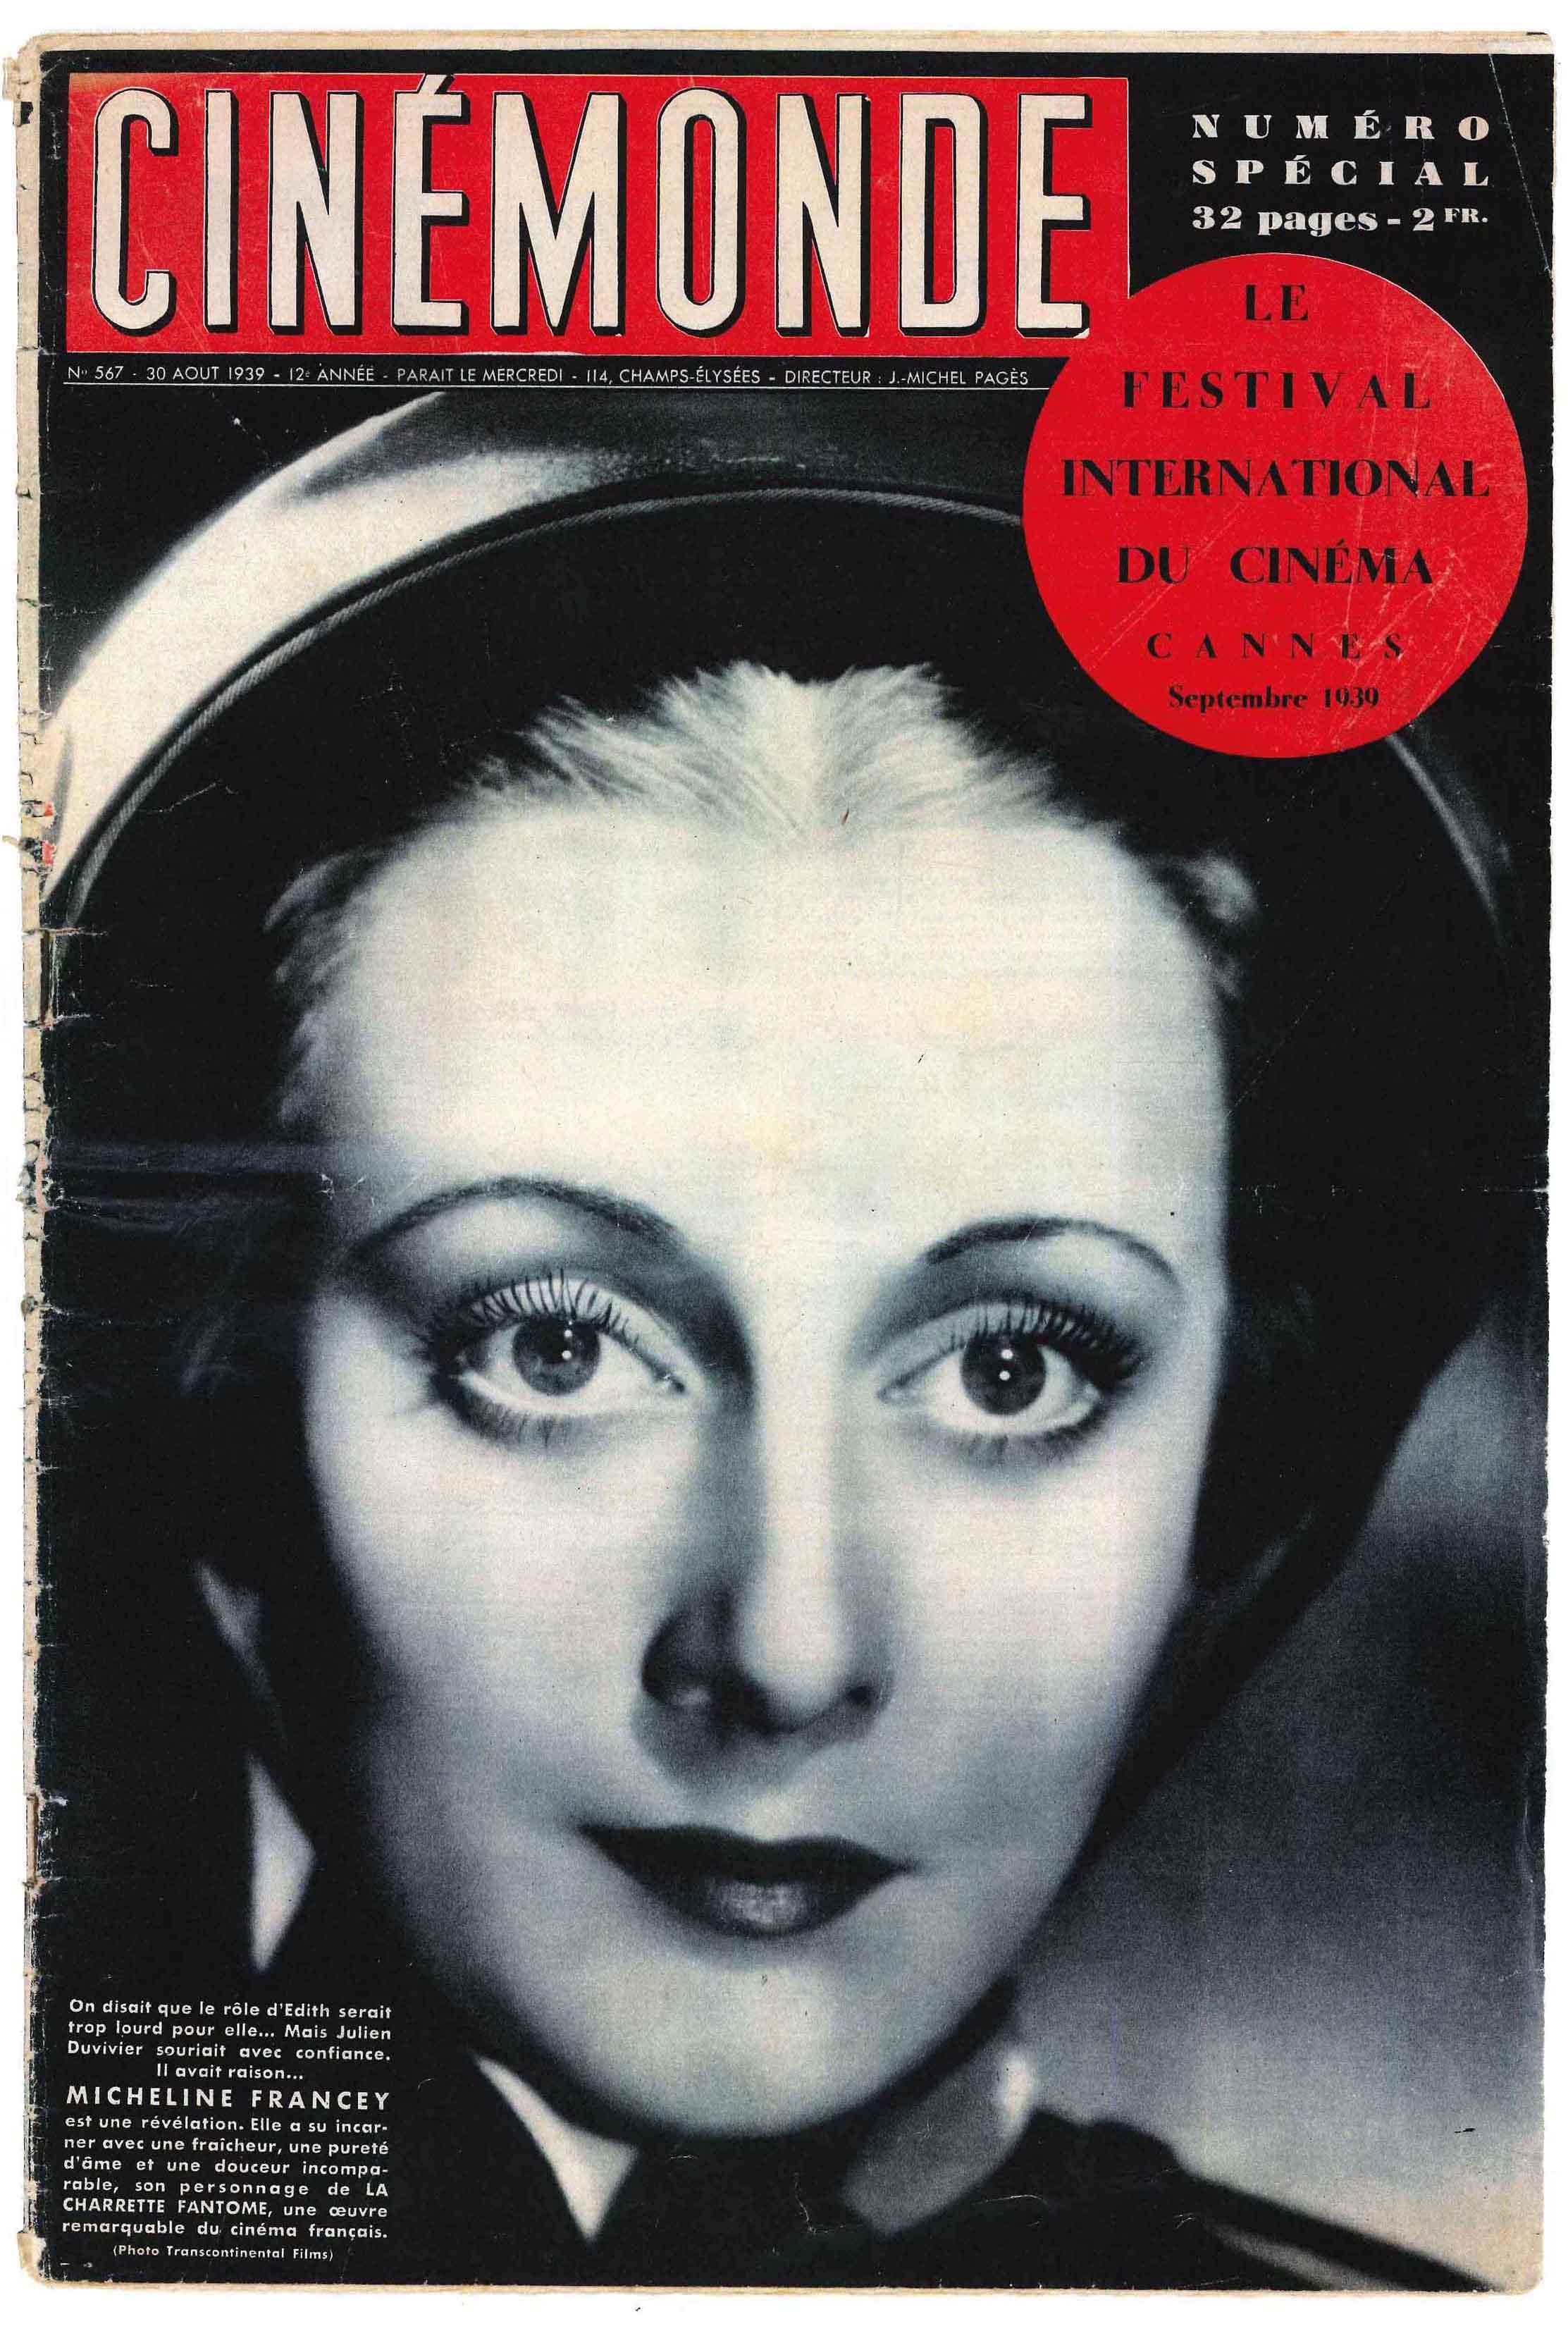 Le n° 567 du  30 août 1939  de la revue CINÉMONDE Spécial Festival de Cannes . Retrouvez l'actualité, les articles et les images à propos de la sélection du premier Festival de Cannes en 1939, par une revue de cinéma des plus respectées, aujourd'hui disparue, dont la mise en page créative est toujours moderne.